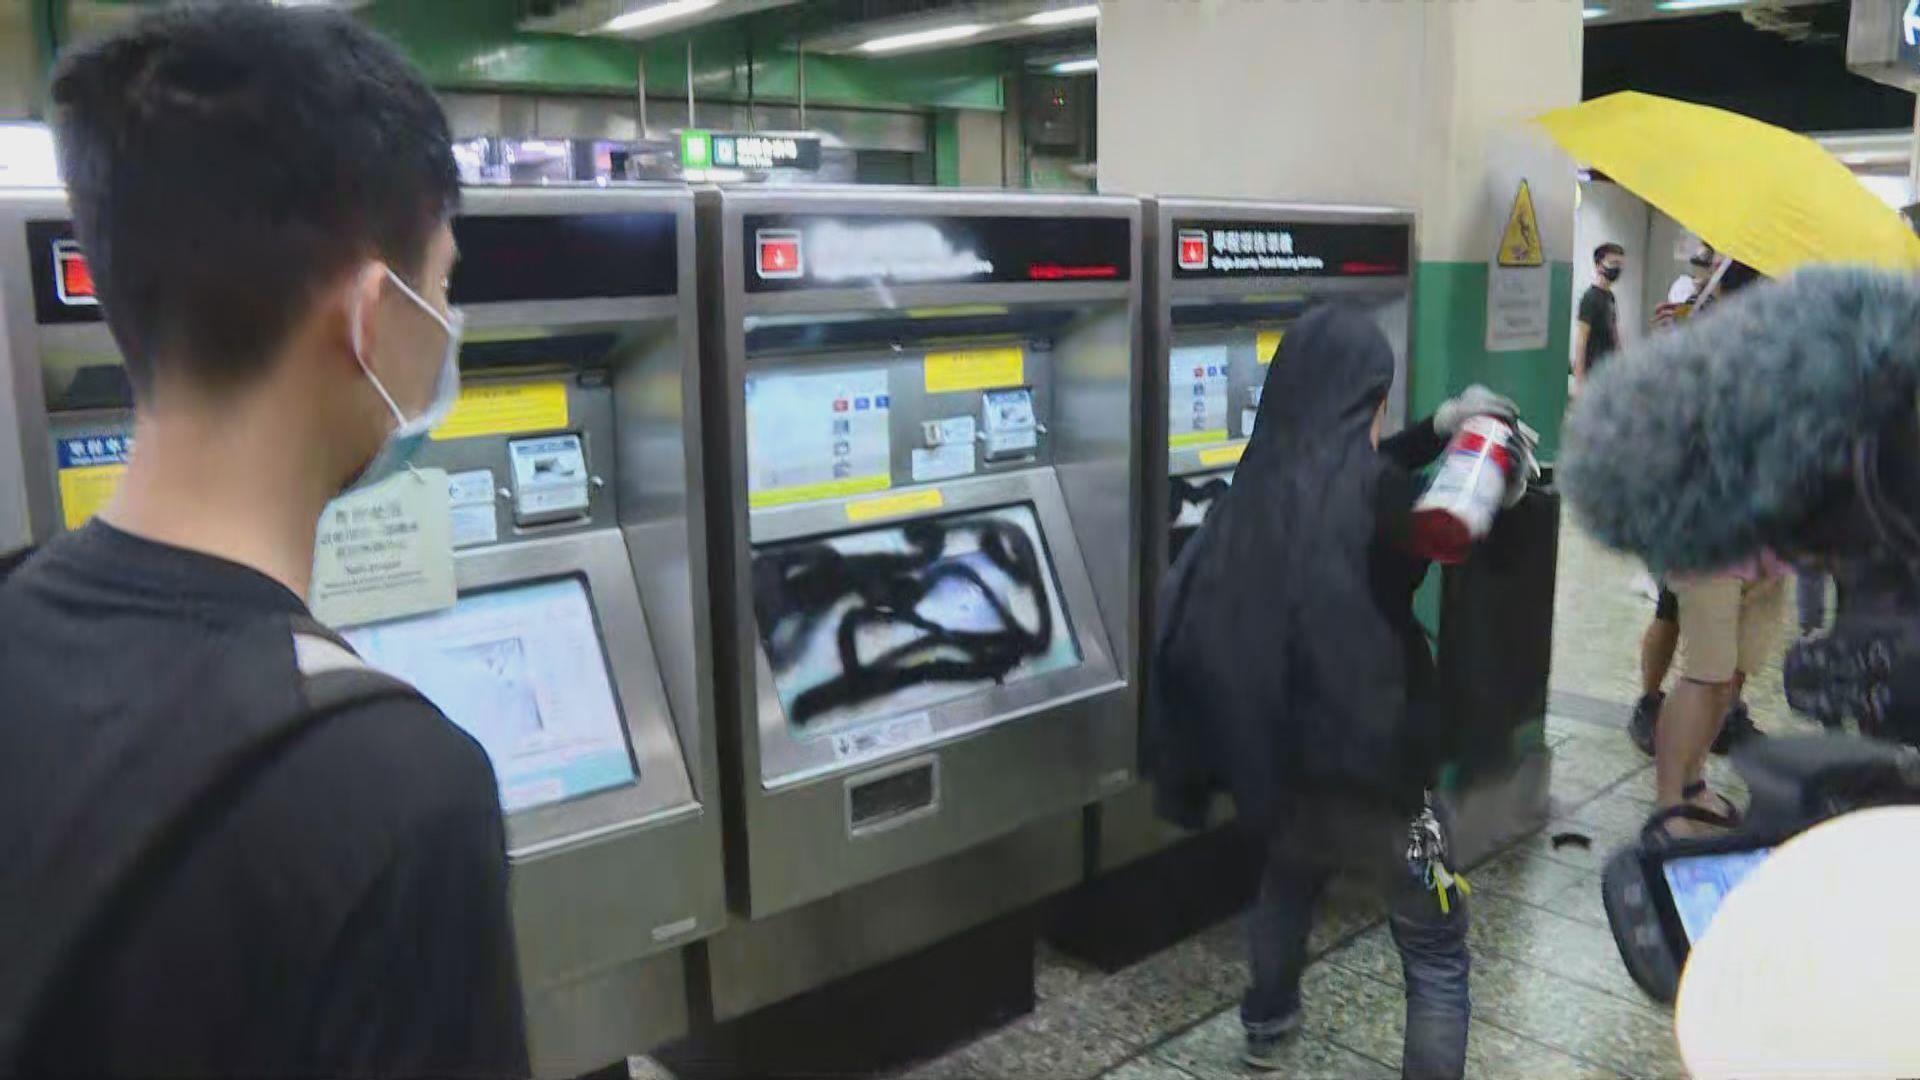 示威者破壞葵芳站設施 葵芳站關閉